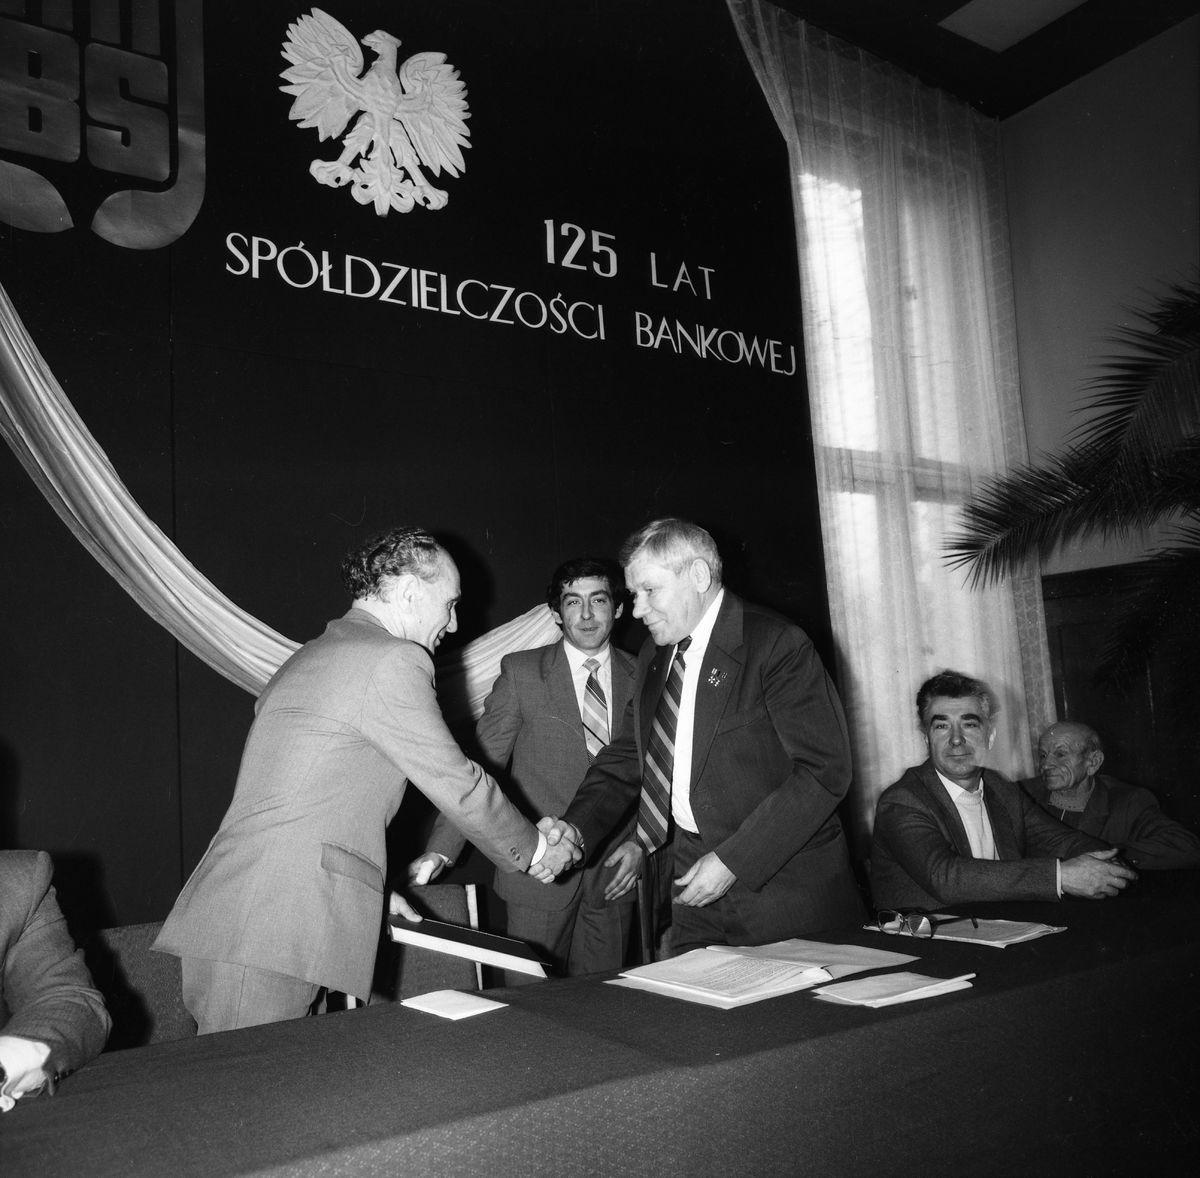 125-lecie spółdzielczości bankowej [4]